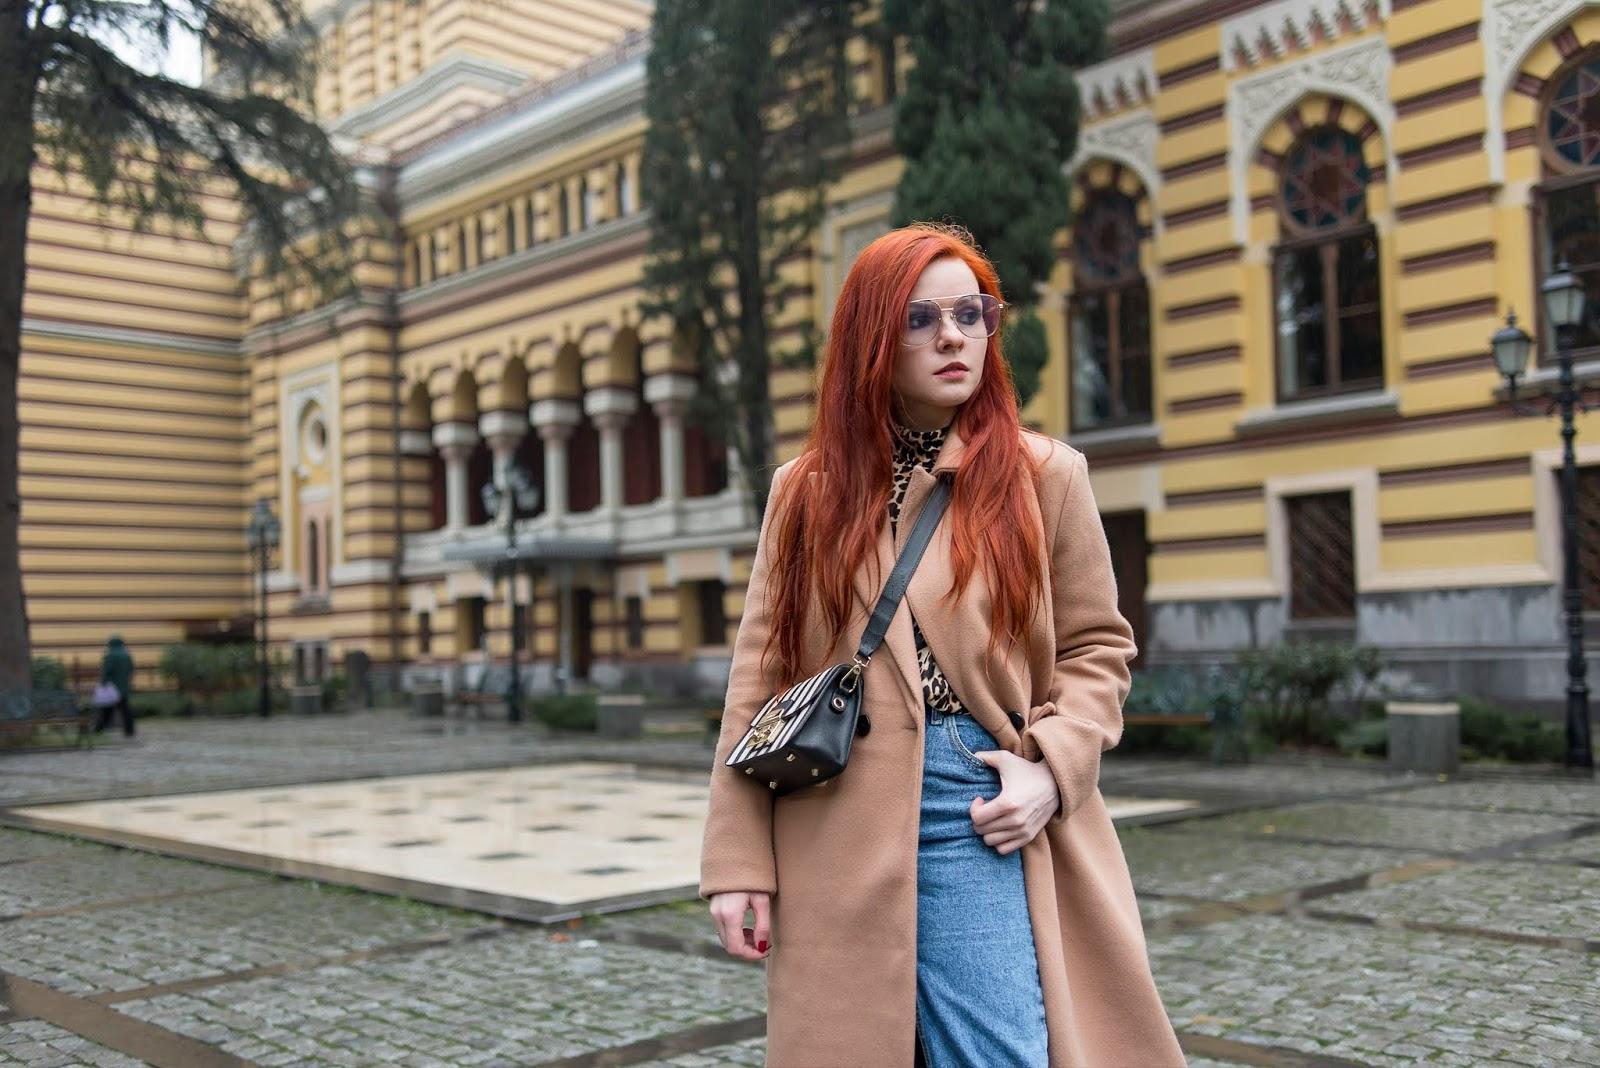 cklessdiary.ru/2019/03/prospekt-shota-rustaveli-gruzinskie-dizajnery-revolyuciya-roz-obyazatelno-posmotret-v-tbilisi.html